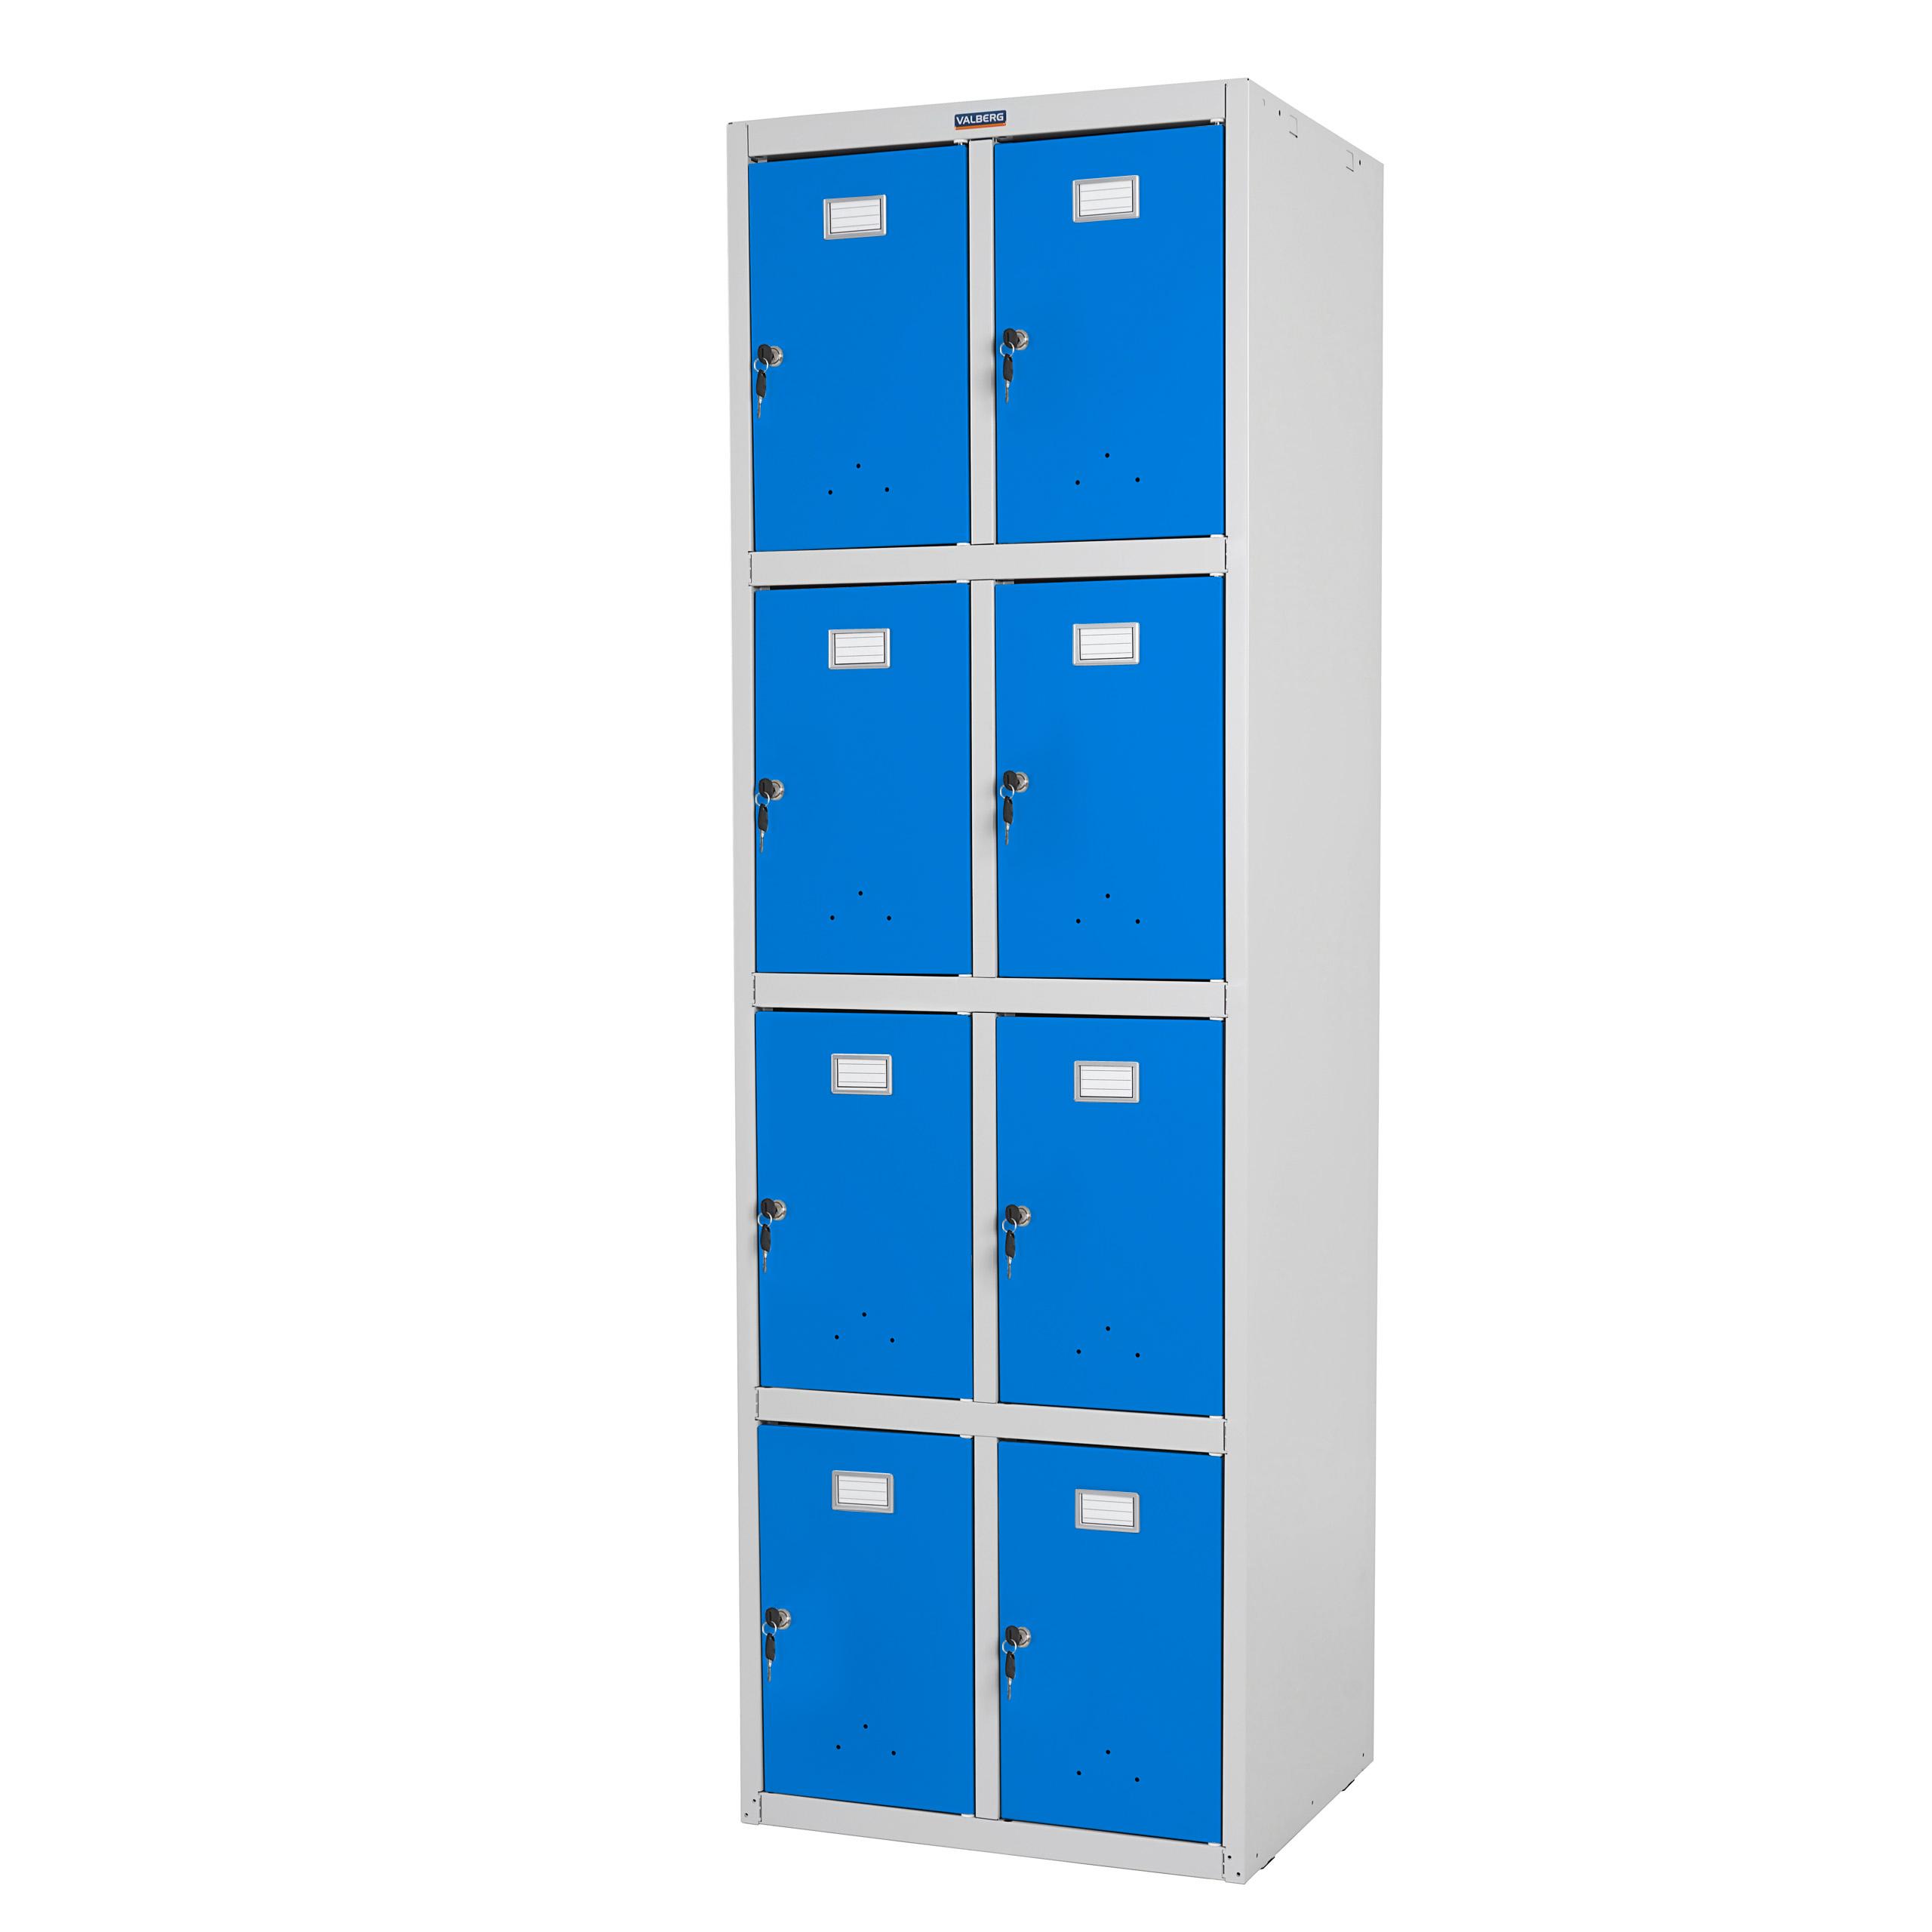 Valberg T335, Wertfachschrank Doppel-Spind, Metall 183x58x50cm ~ blau